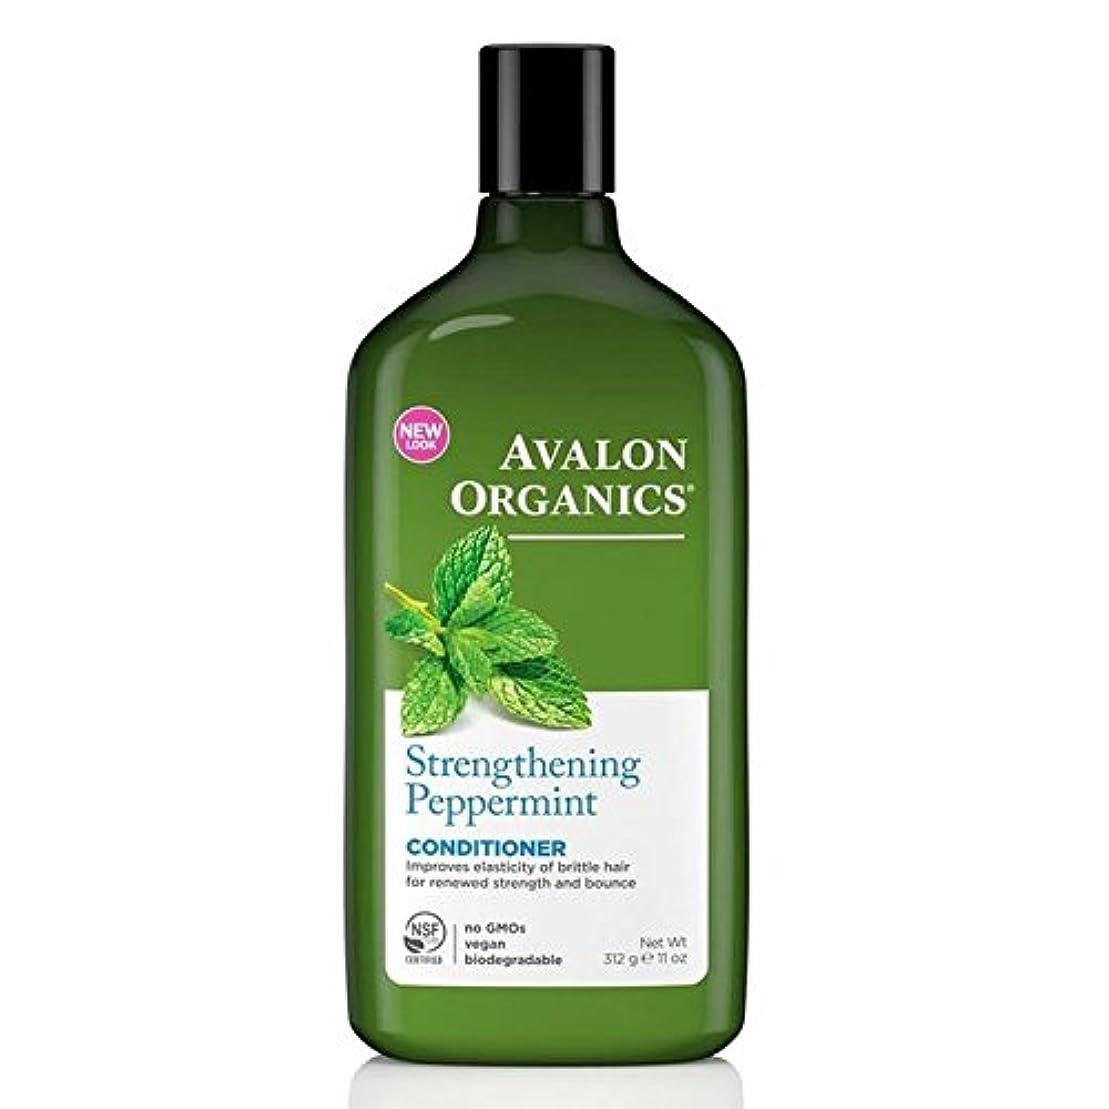 選択するアクション課税Avalon Organics Peppermint Conditioner 325ml - (Avalon) ペパーミントコンディショナー325ミリリットル [並行輸入品]